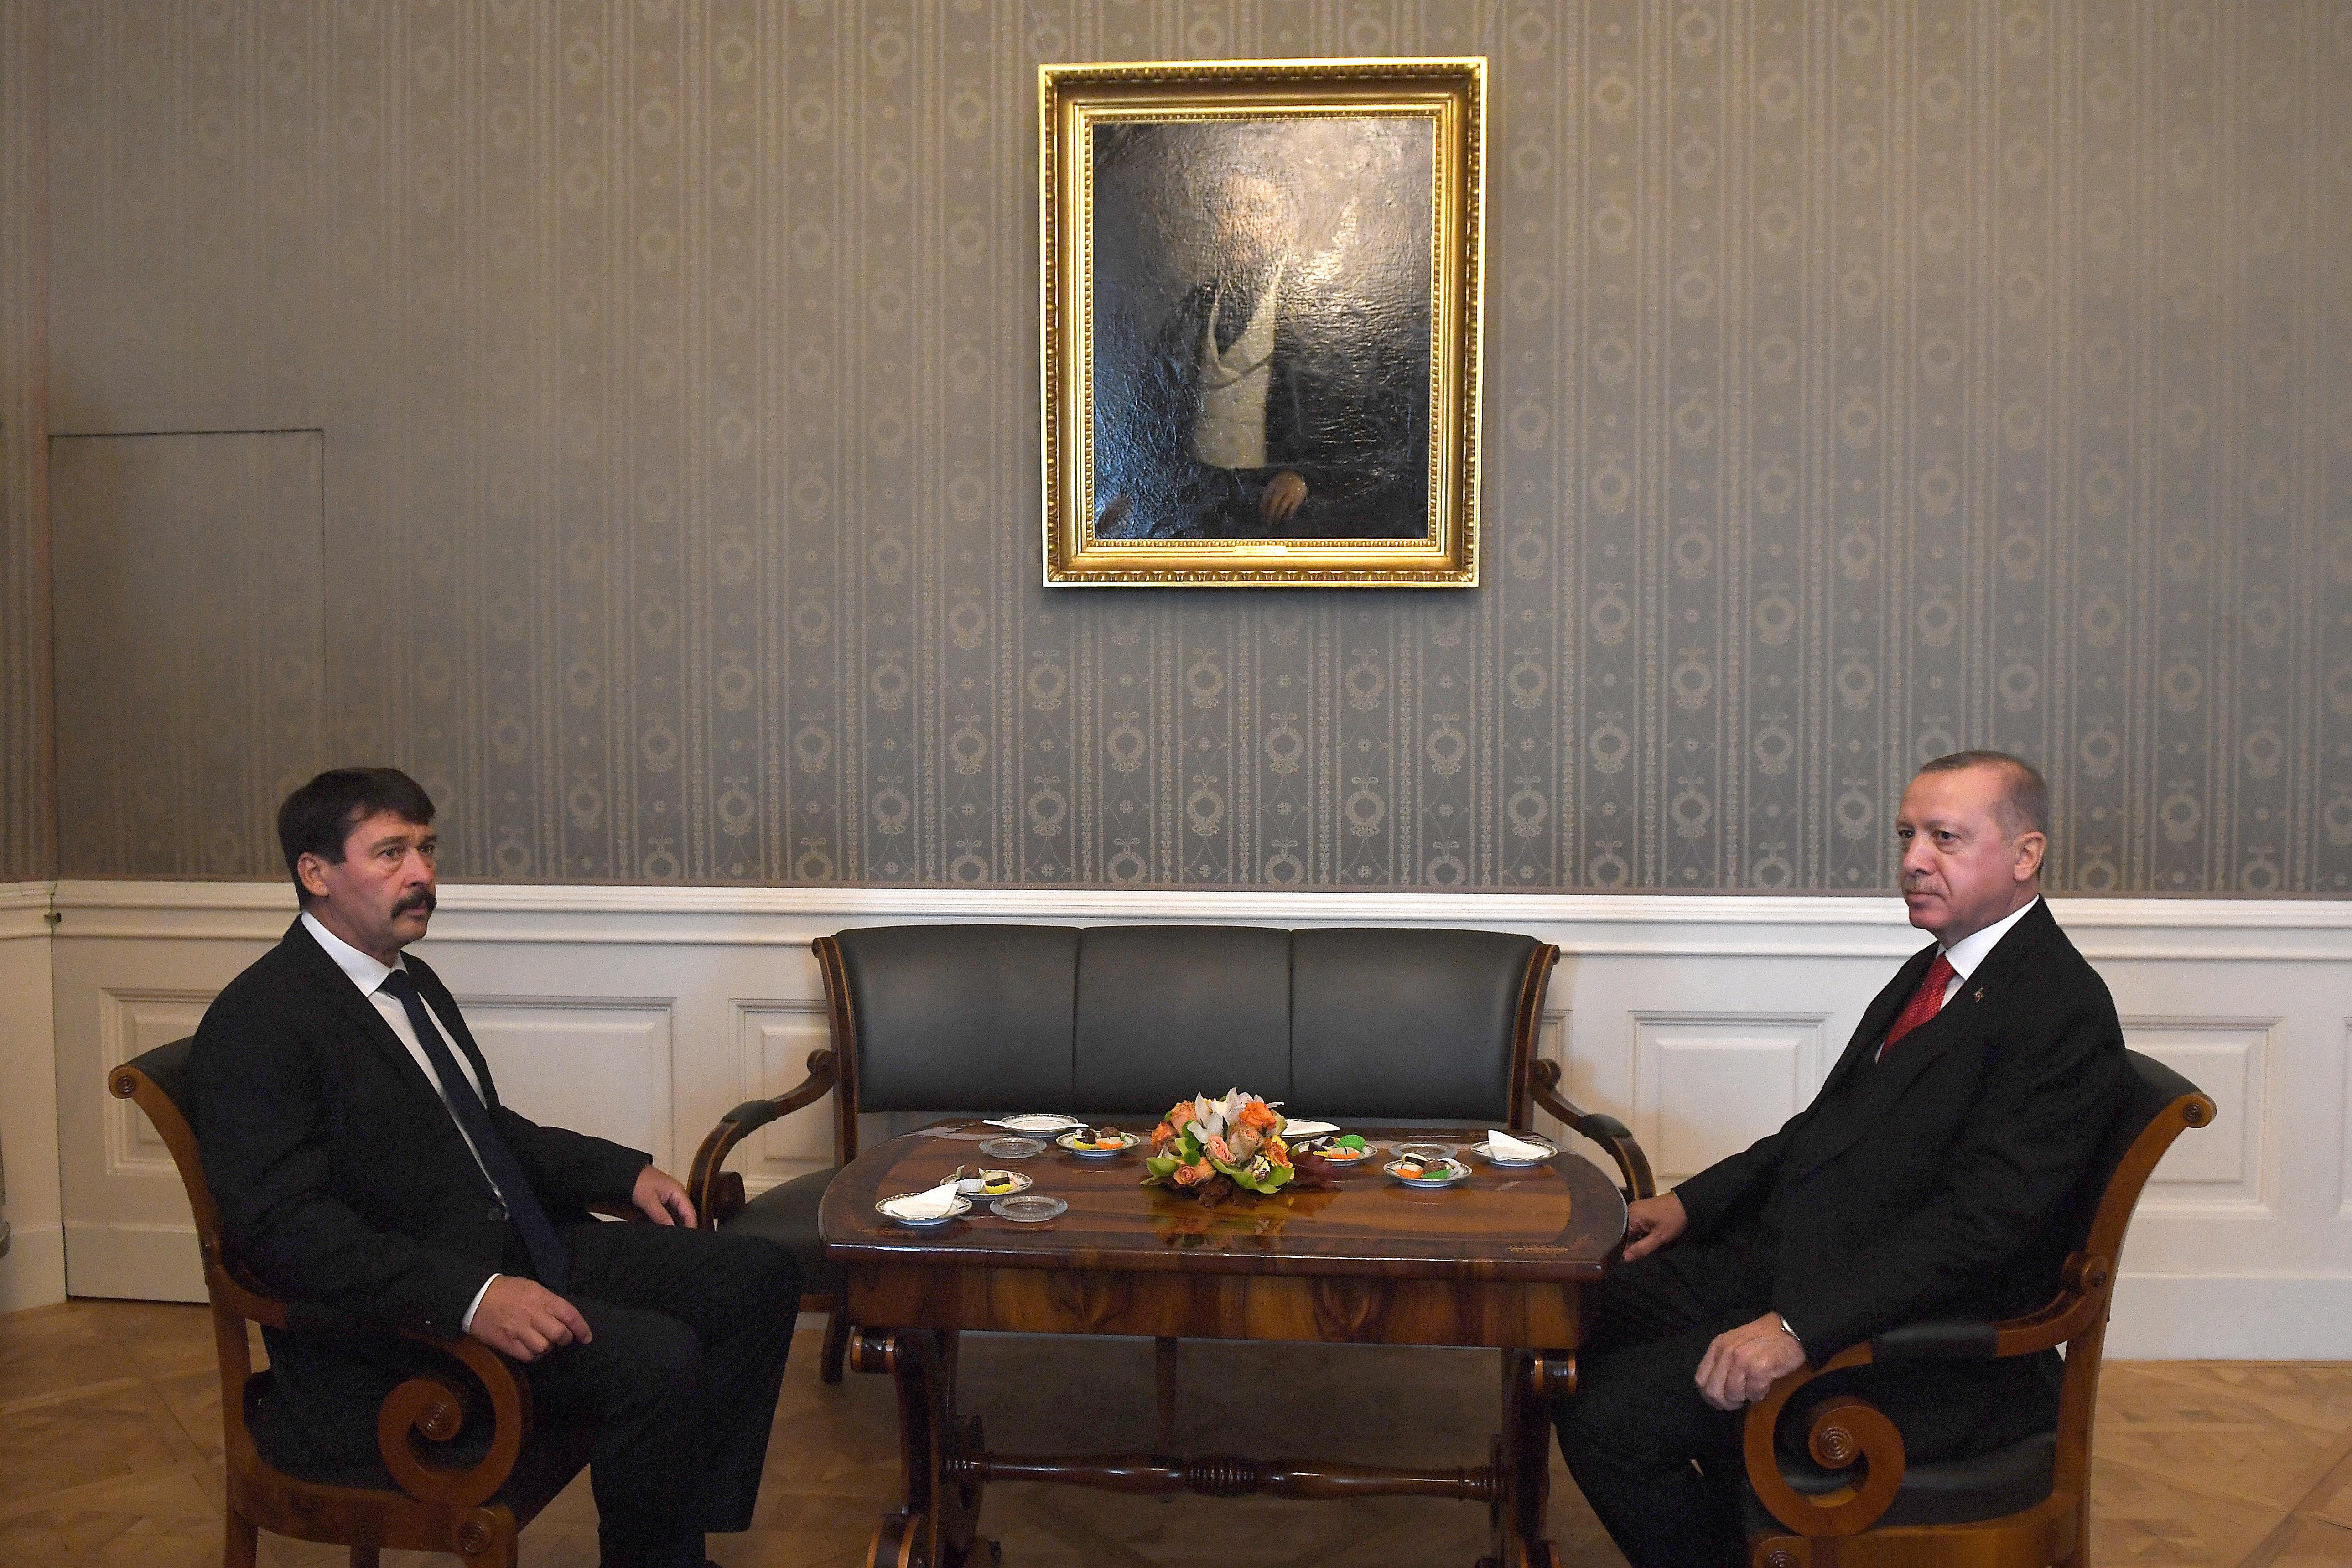 Majdnem elsírták magukat, olyan búbánatos arccal randevúzott egymással Áder és Erdogan